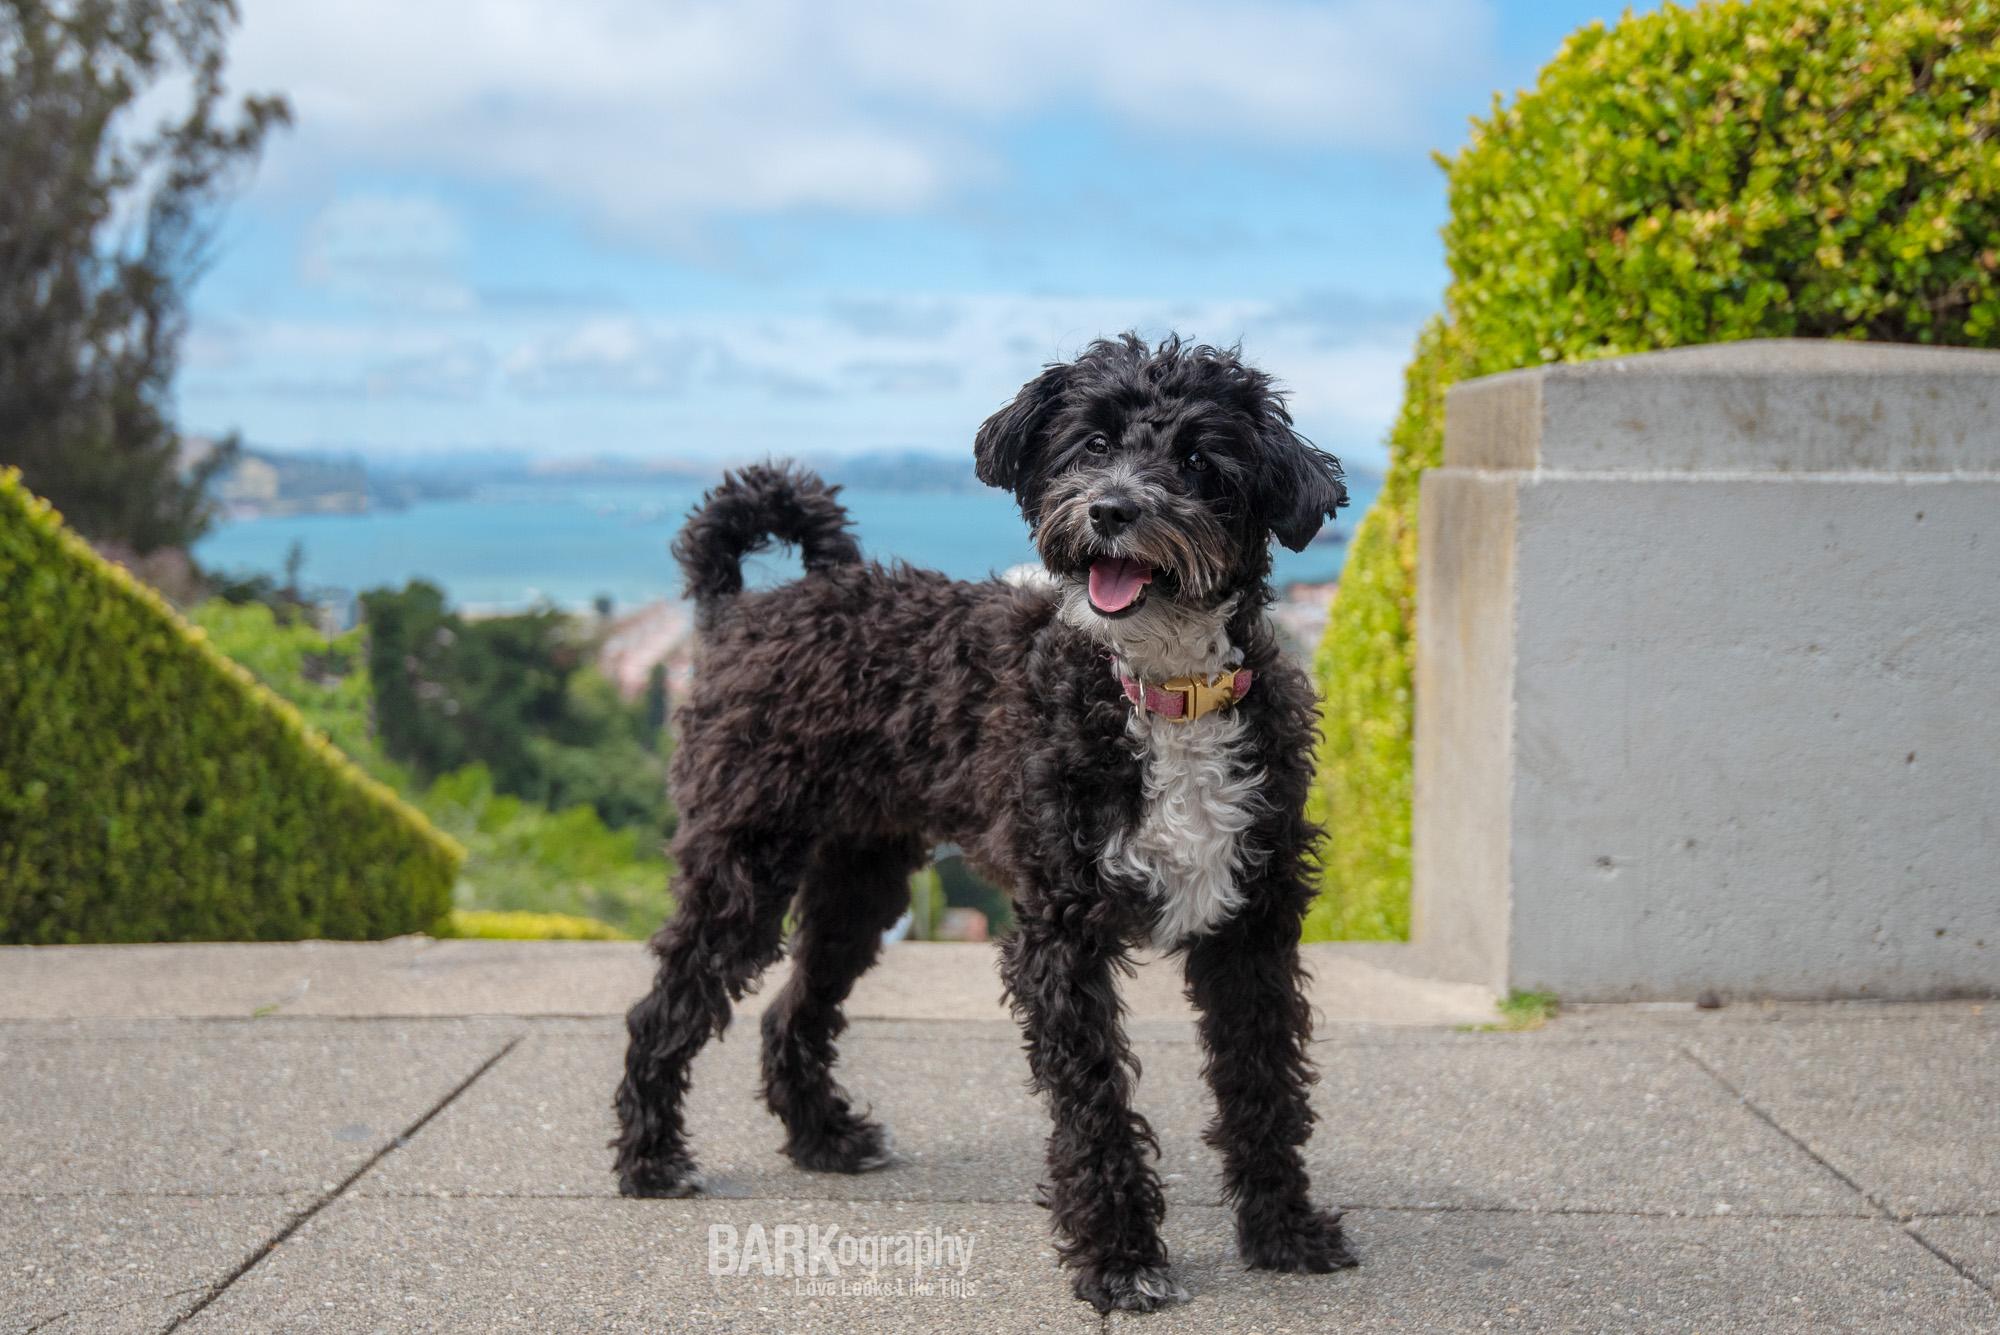 Painted Ladies San Francisco bulldog dog photo